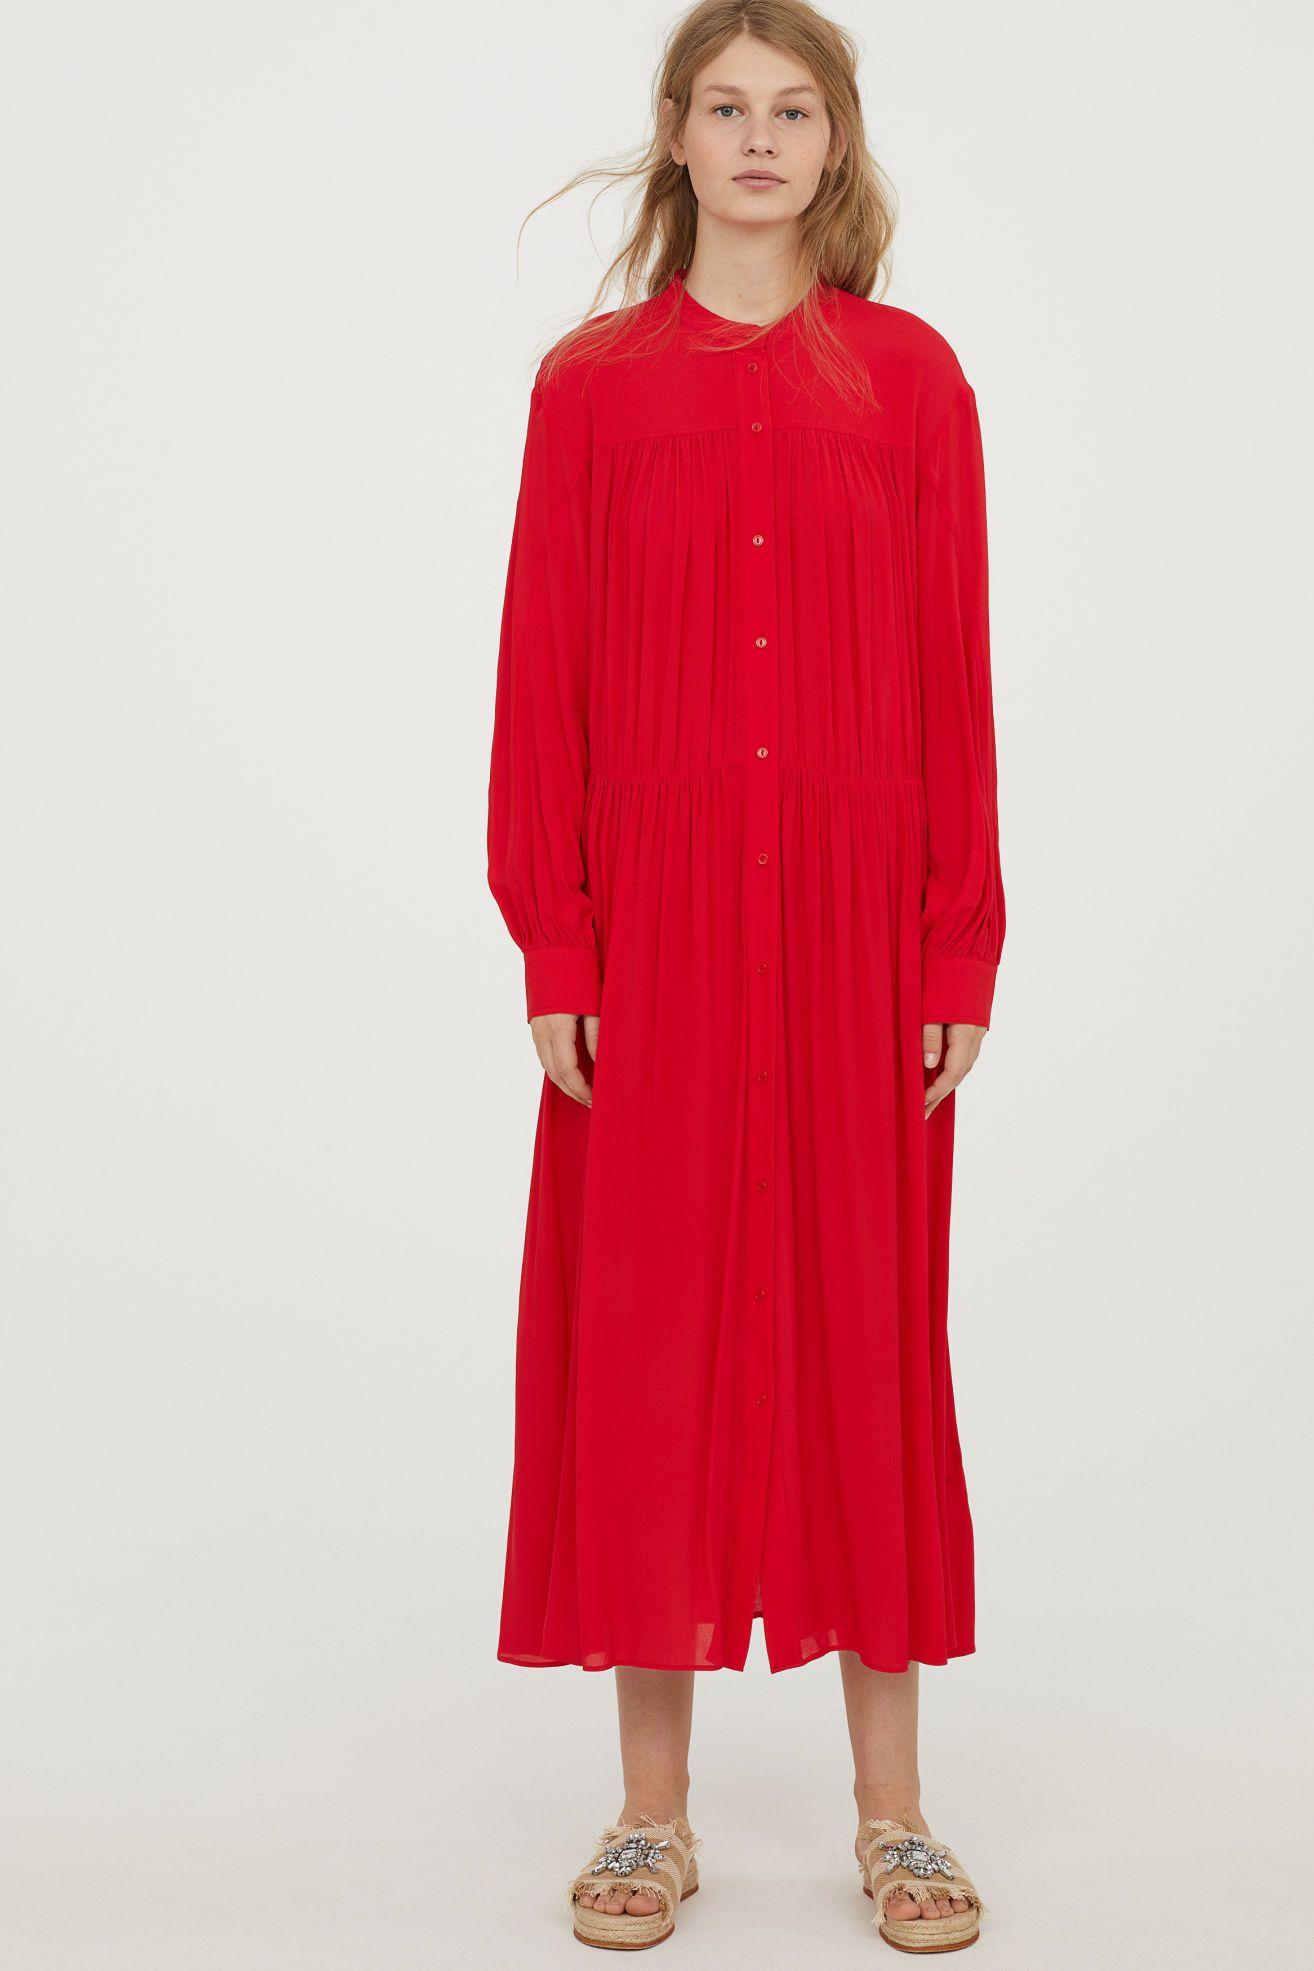 Robe rouge vif very